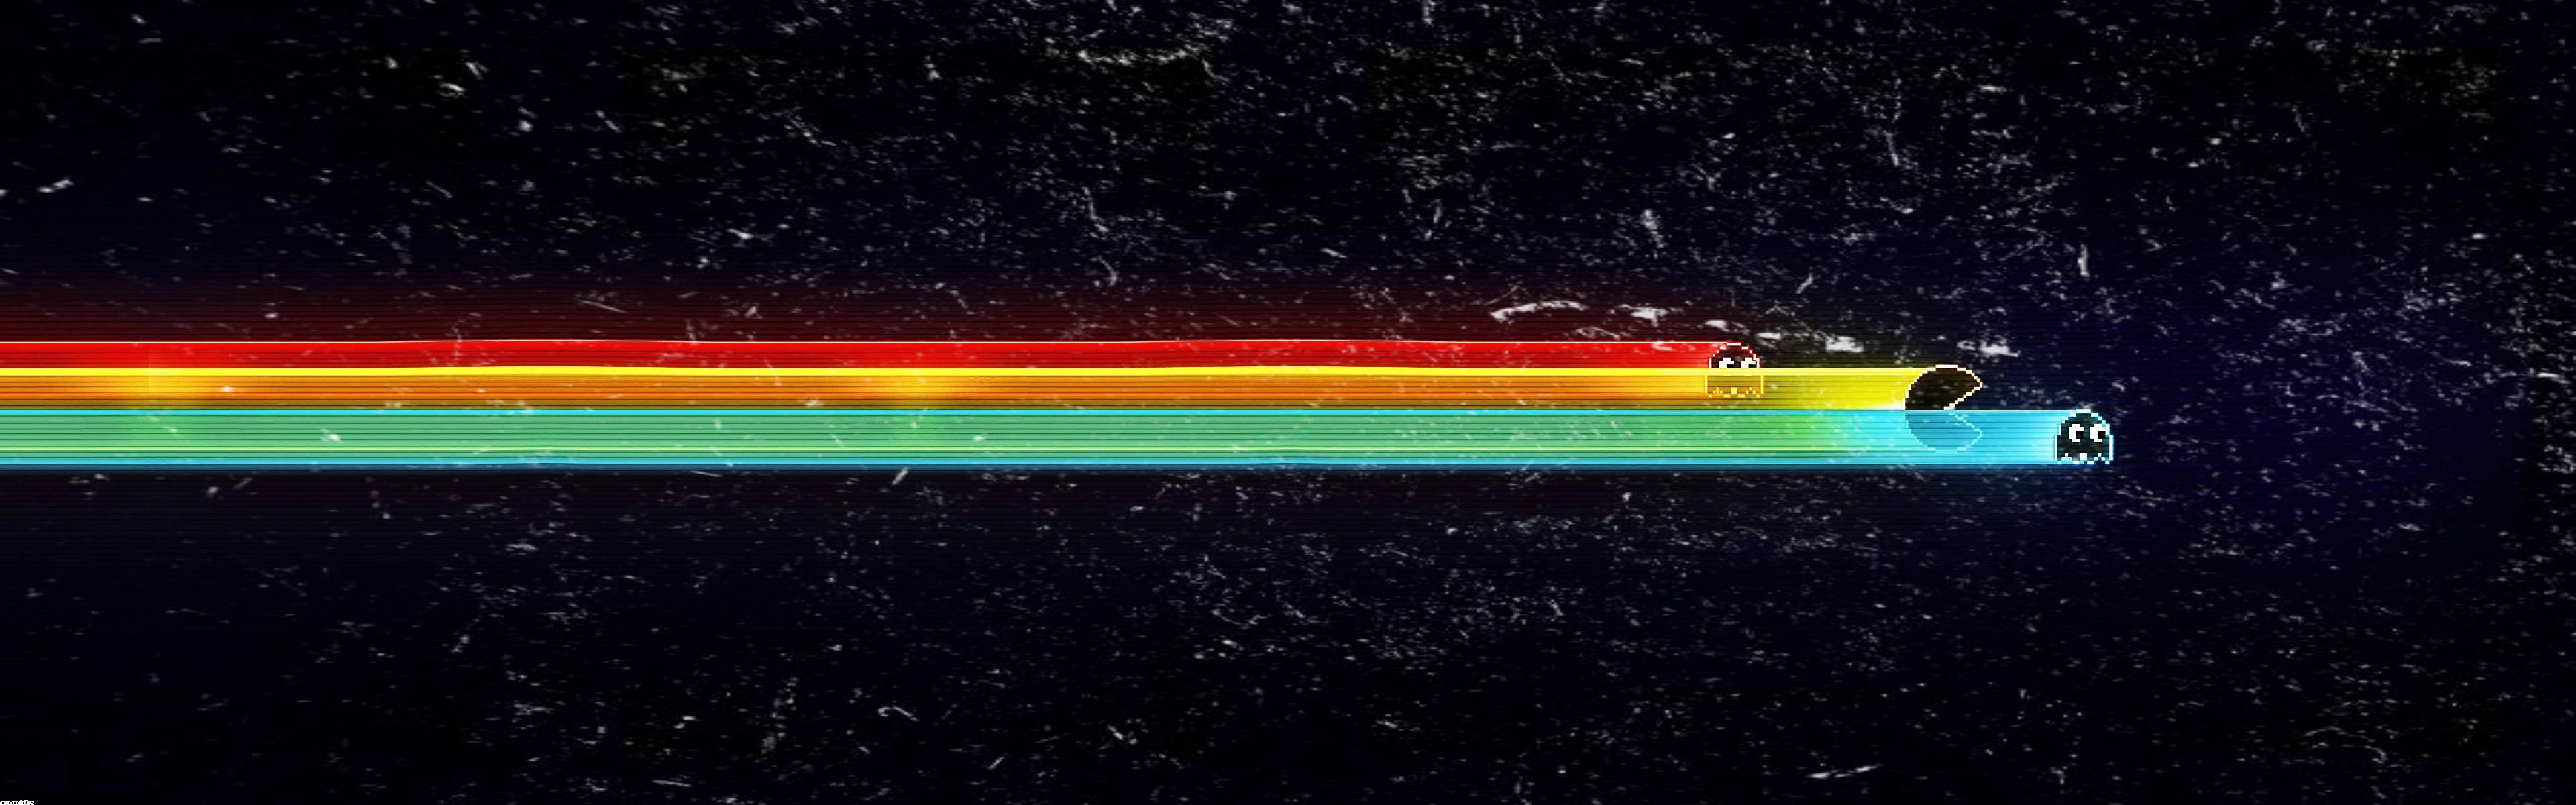 Best Screen Wallpaper On Hipwallpaper Beautiful Widescreen